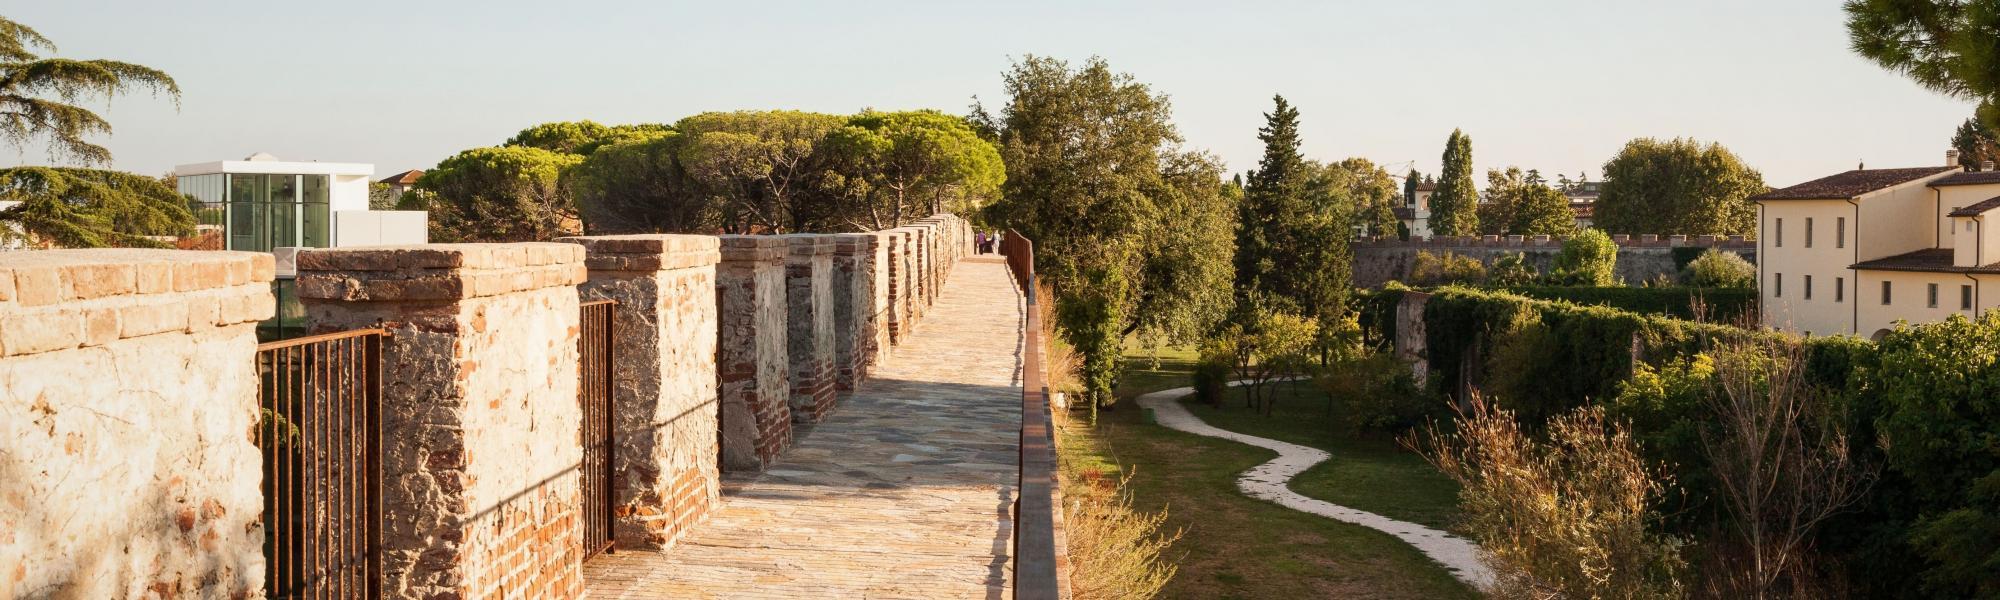 Camminamento sulle mura (Le Mura, www.muradipisa.it)